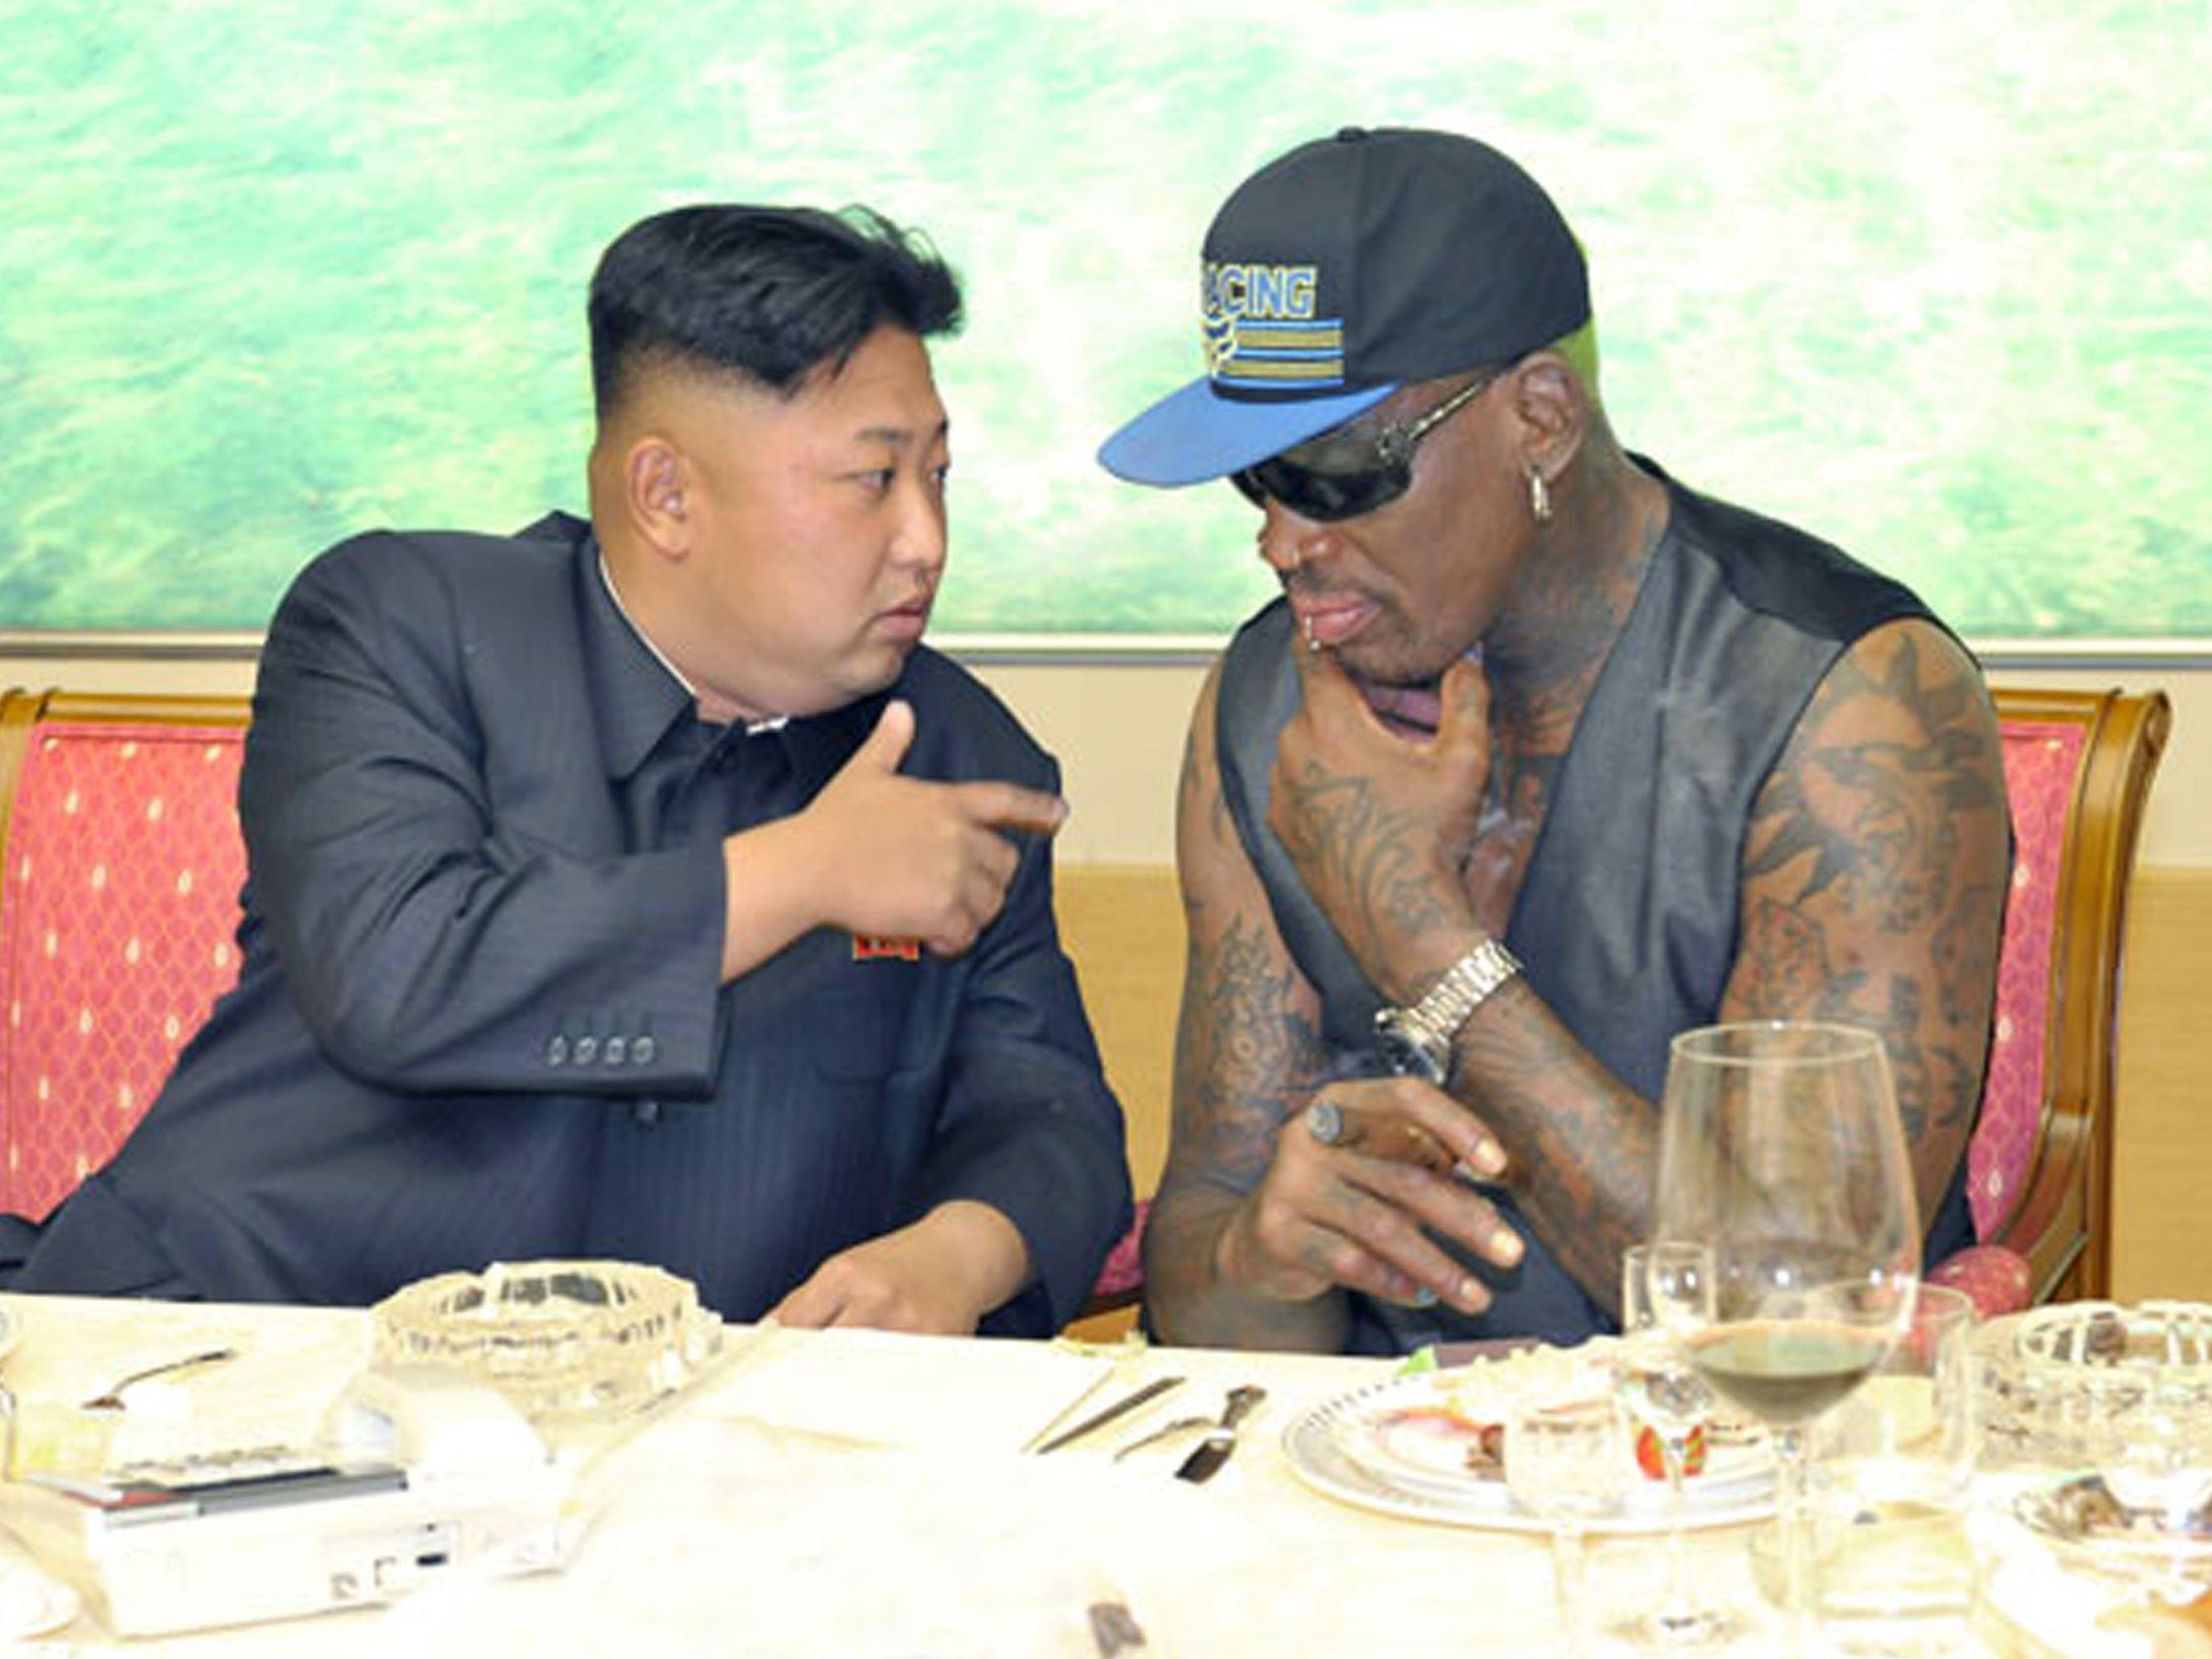 Es ist Rodmans fünfter Besuch in Pjöngjang seit 2013.